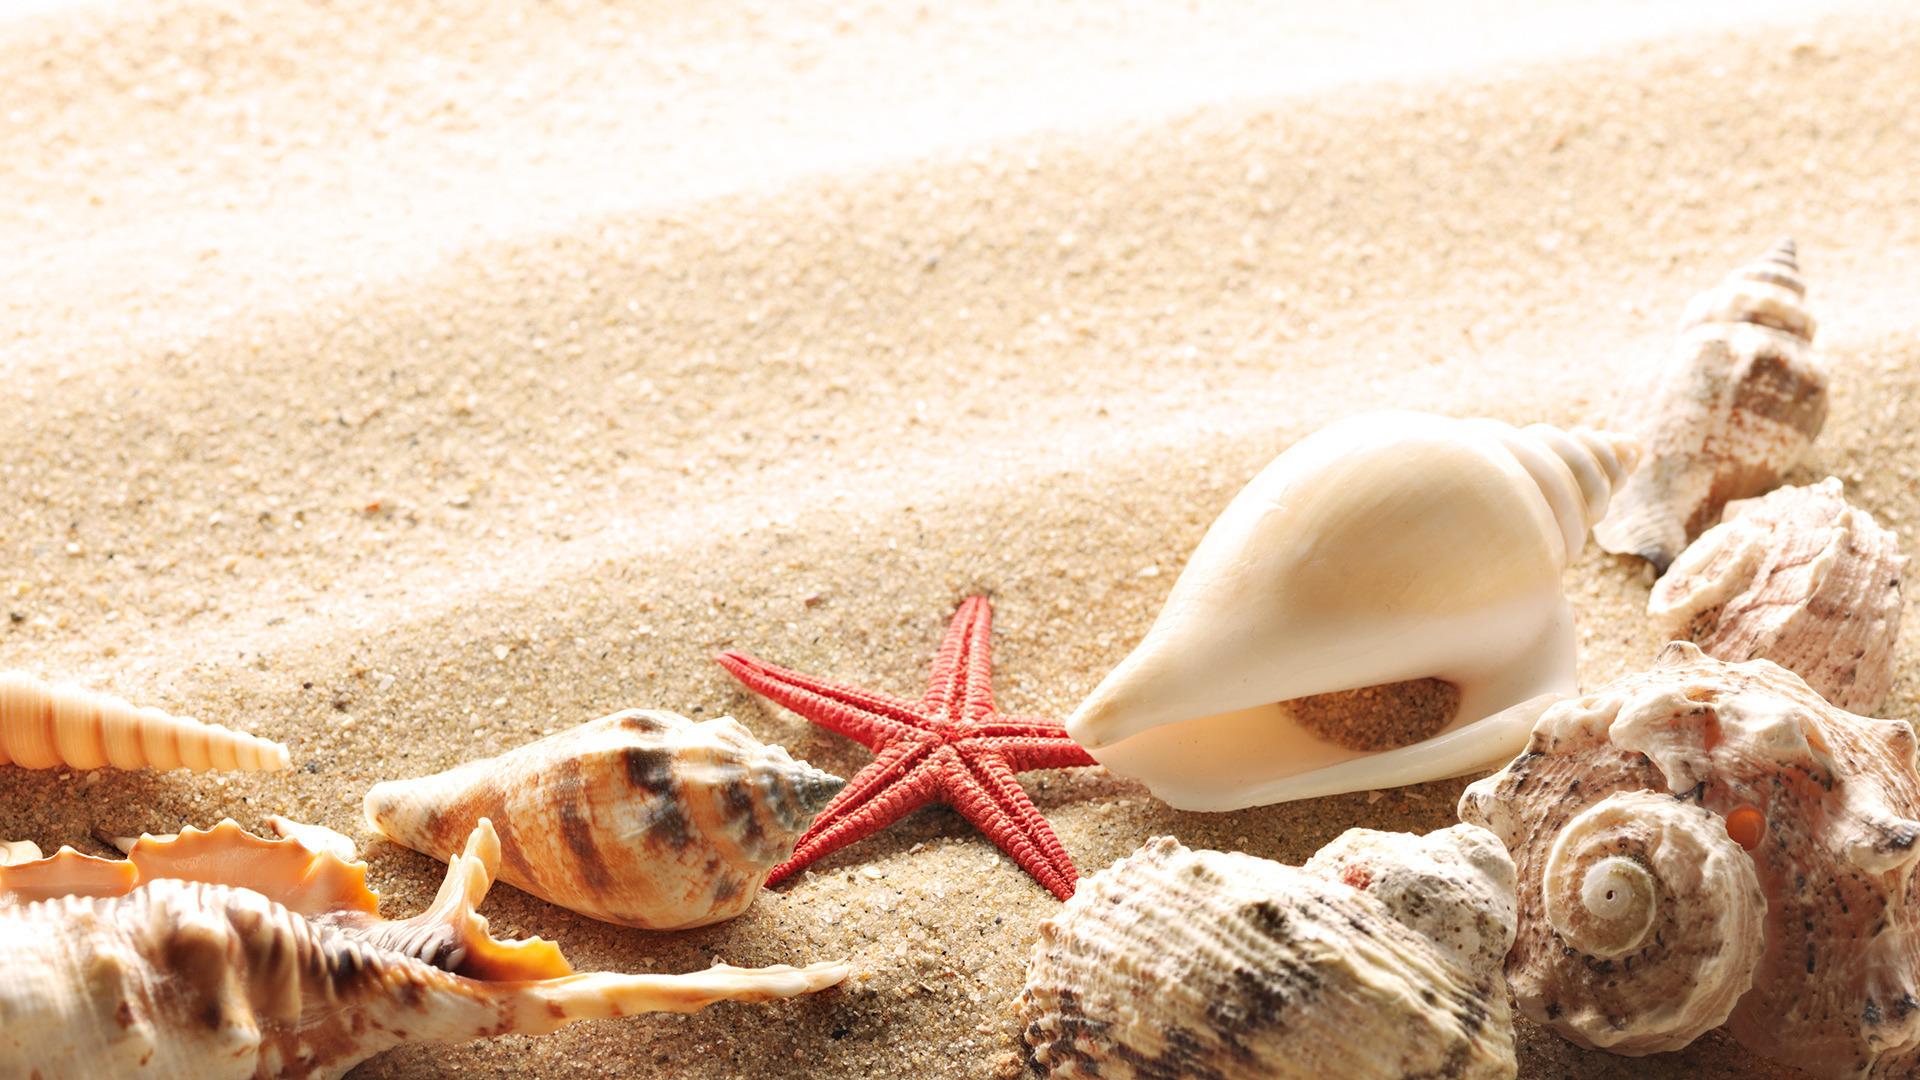 Summer beach shells